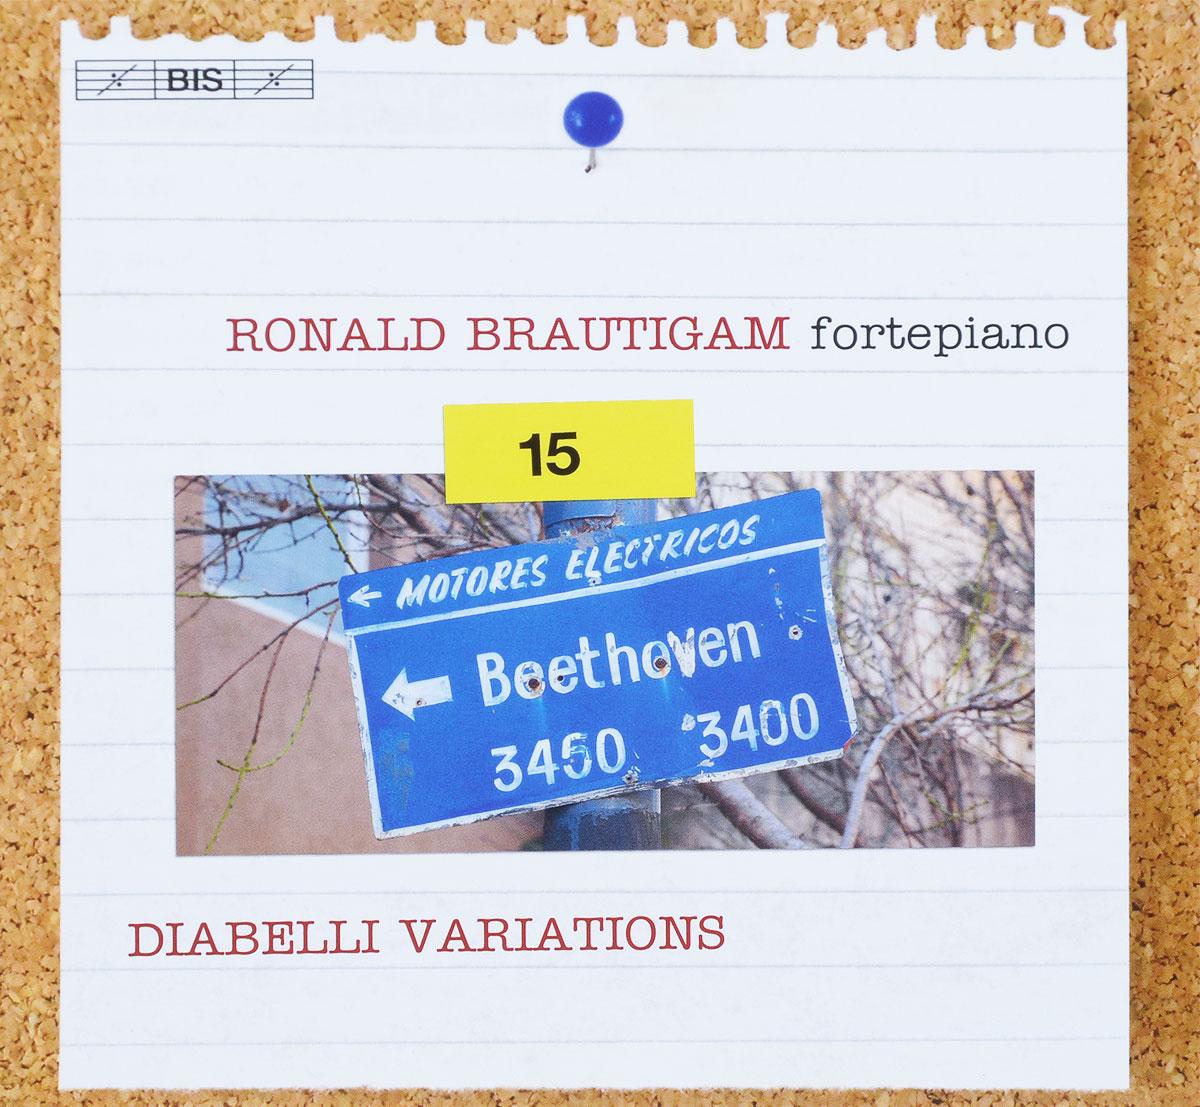 Роналд Броутайджем Ronald Brautigam. Beethoven. Complete Works for Solo Piano, Vol. 15 (SACD) шэрон бизали роналд броутайджем sharon bezaly ronald brautigam masterworks for flute and piano sacd